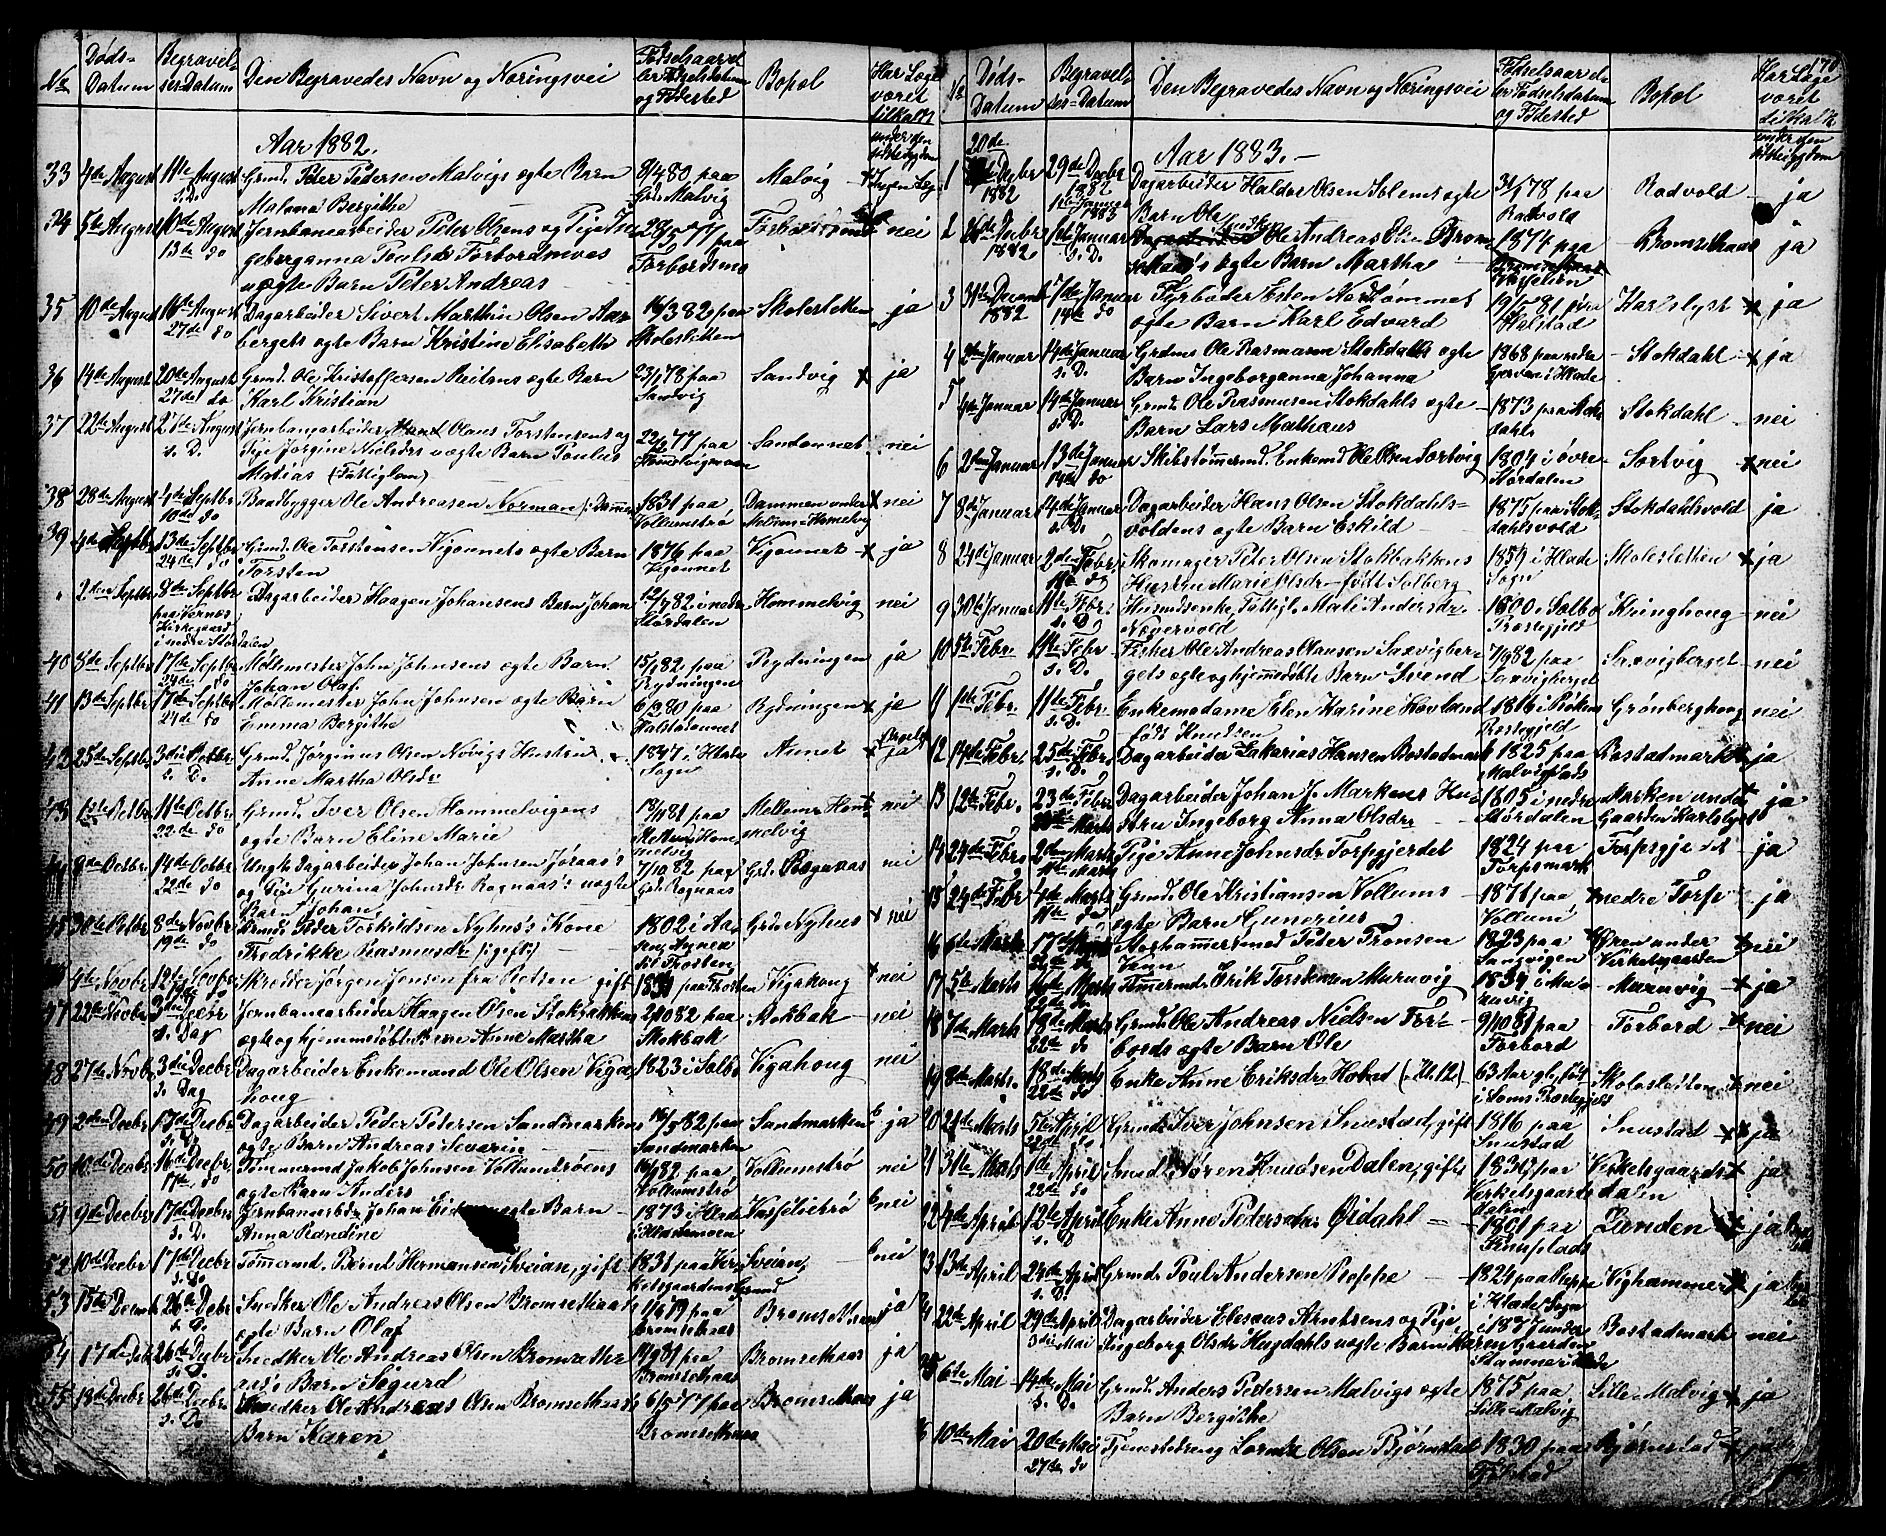 SAT, Ministerialprotokoller, klokkerbøker og fødselsregistre - Sør-Trøndelag, 616/L0422: Klokkerbok nr. 616C05, 1850-1888, s. 170